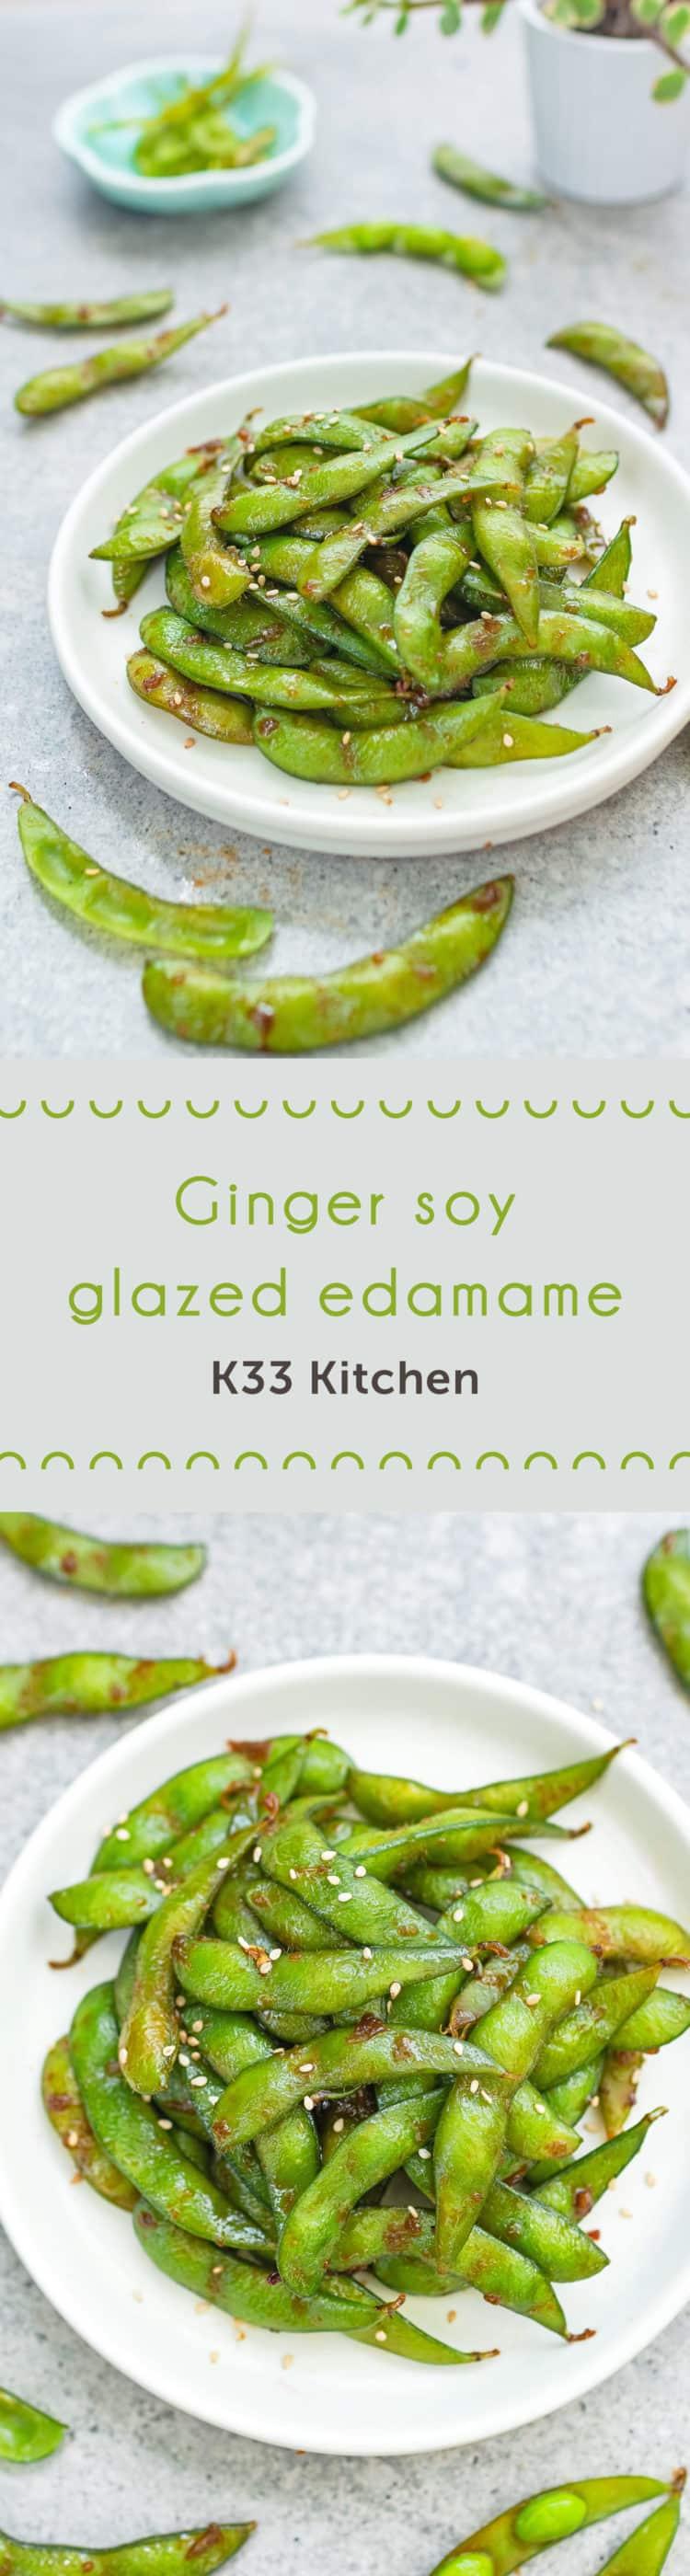 Ginger soy glazed edamame